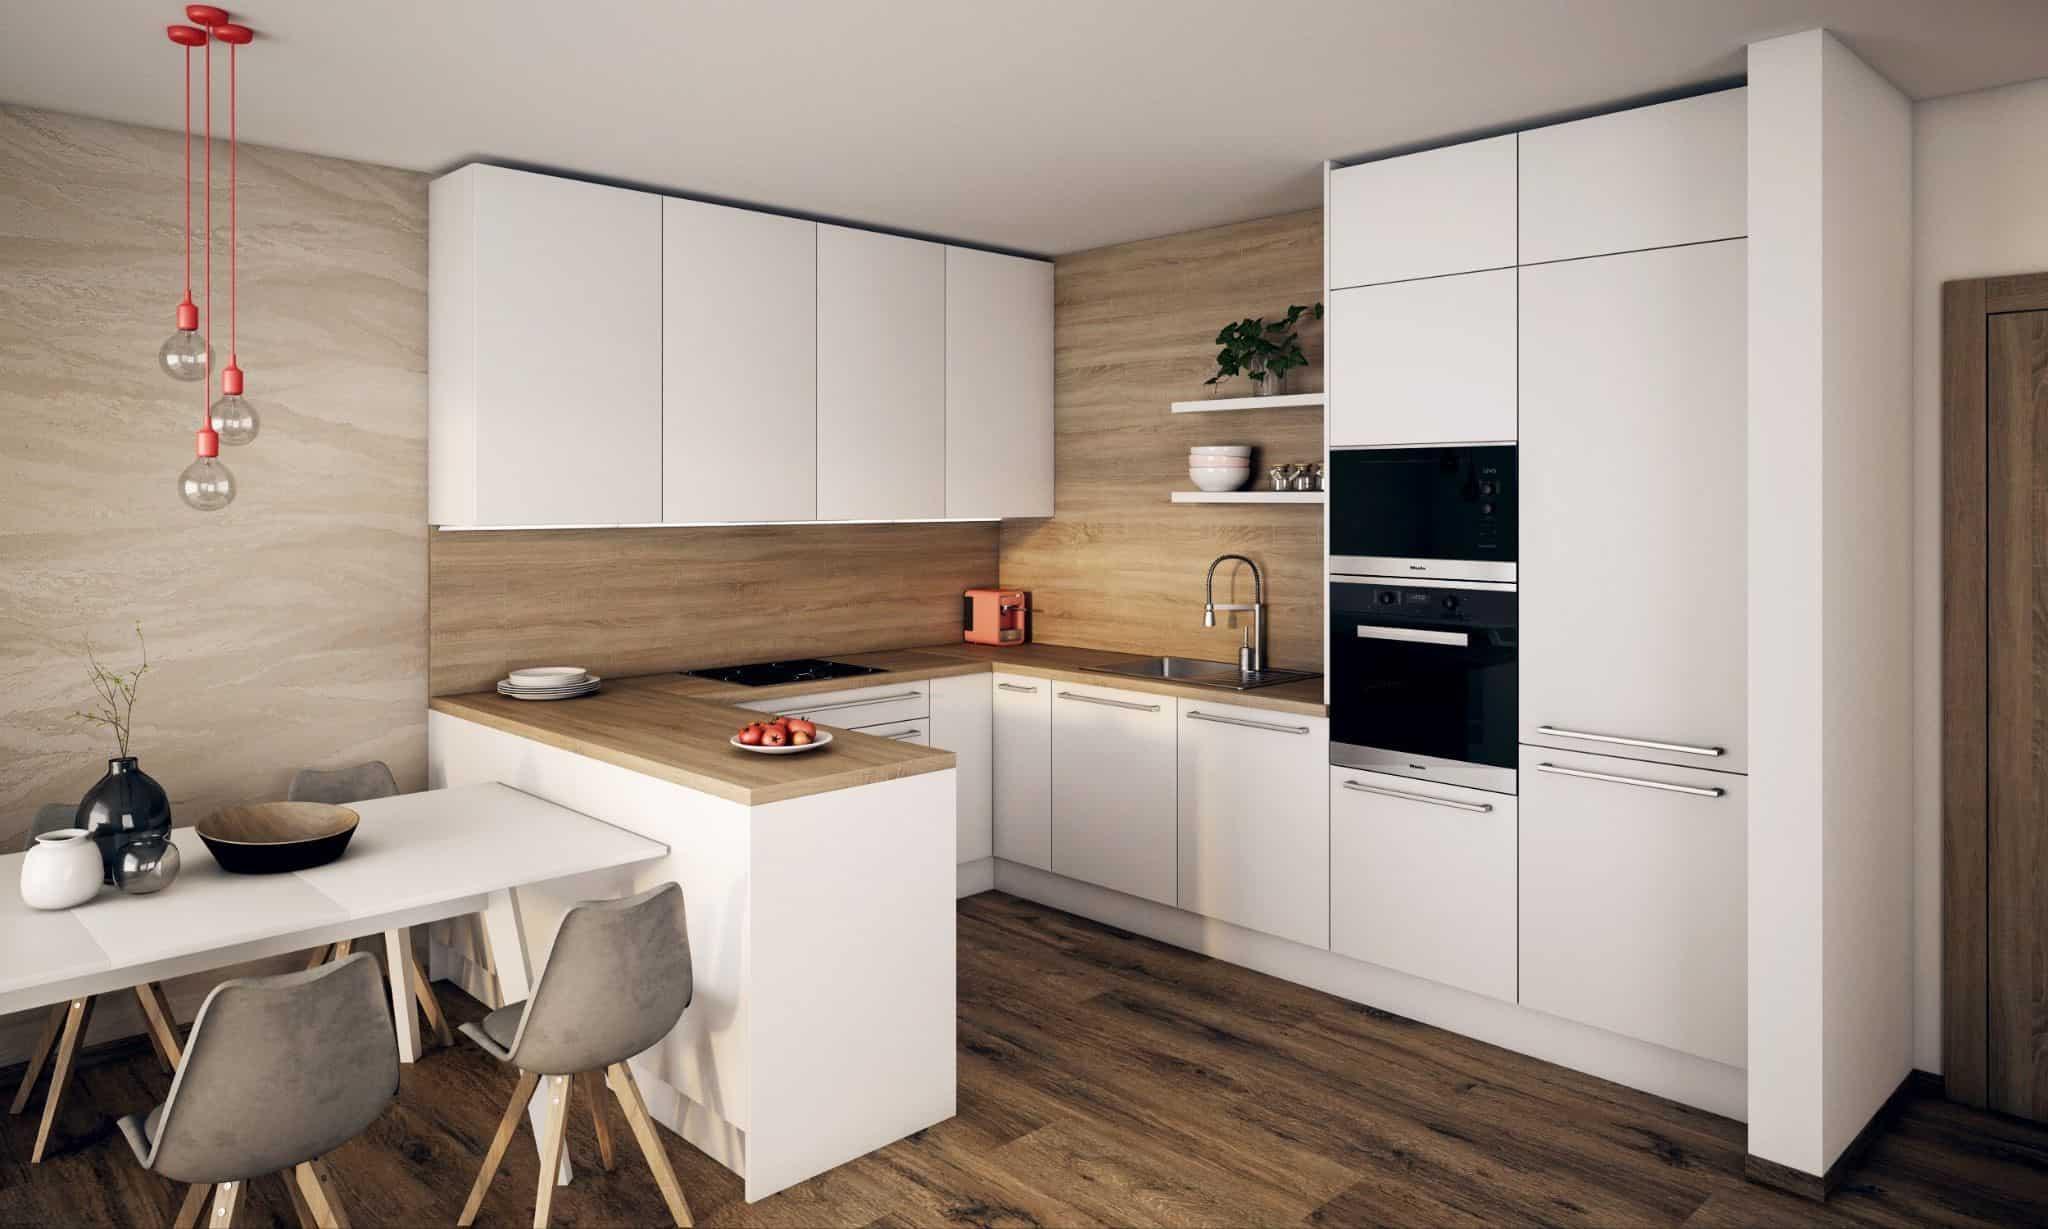 Biela kuchyňa je elegantná a štýlová. Zdroj: iKuchyne.sk